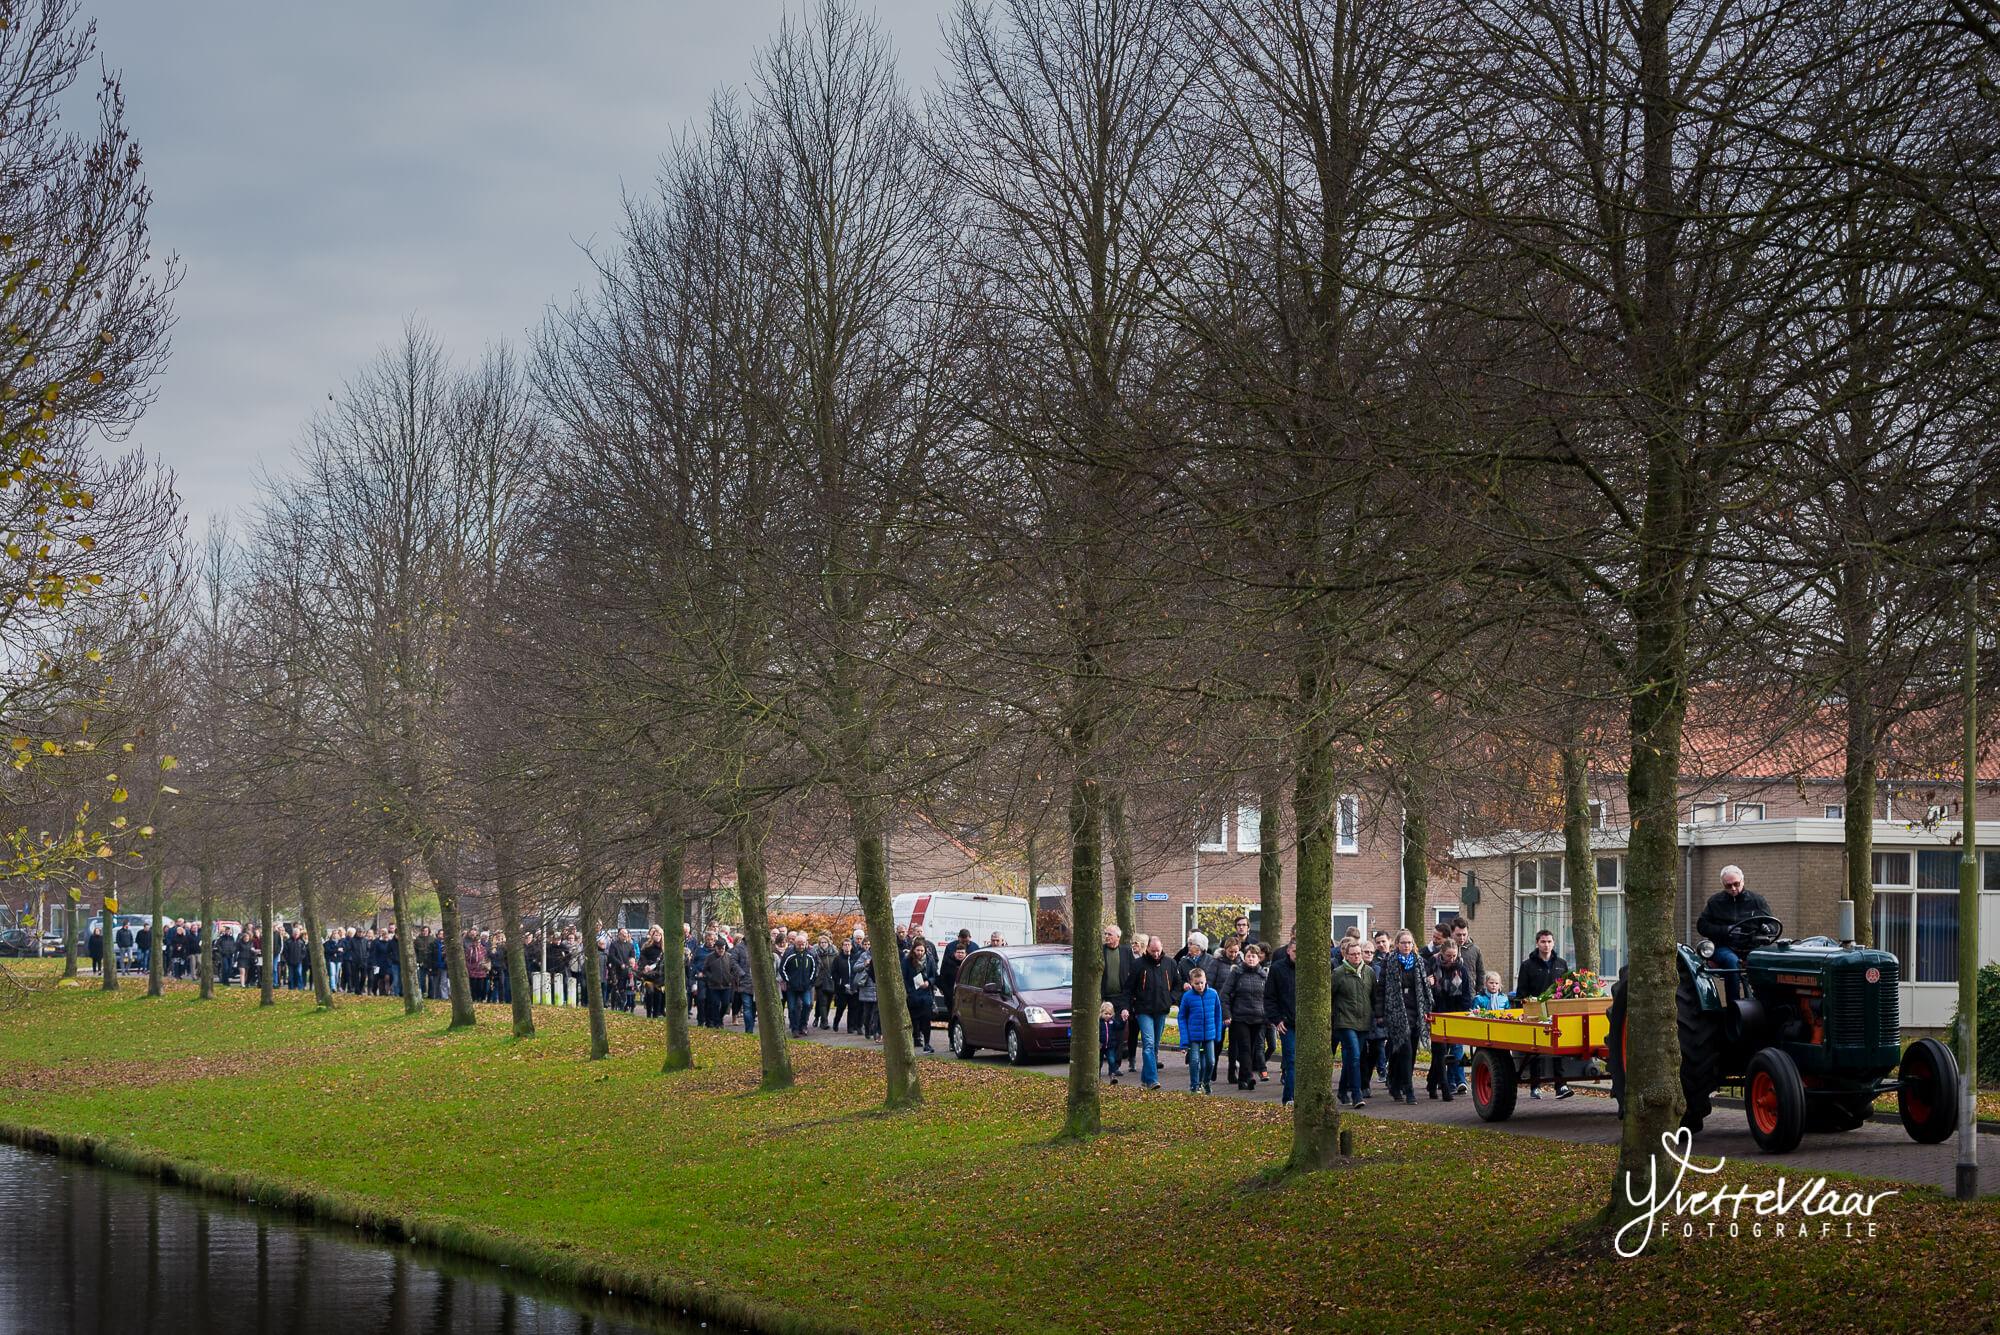 Yvette-Vlaar-afscheidsfotografie-Flevoland-013